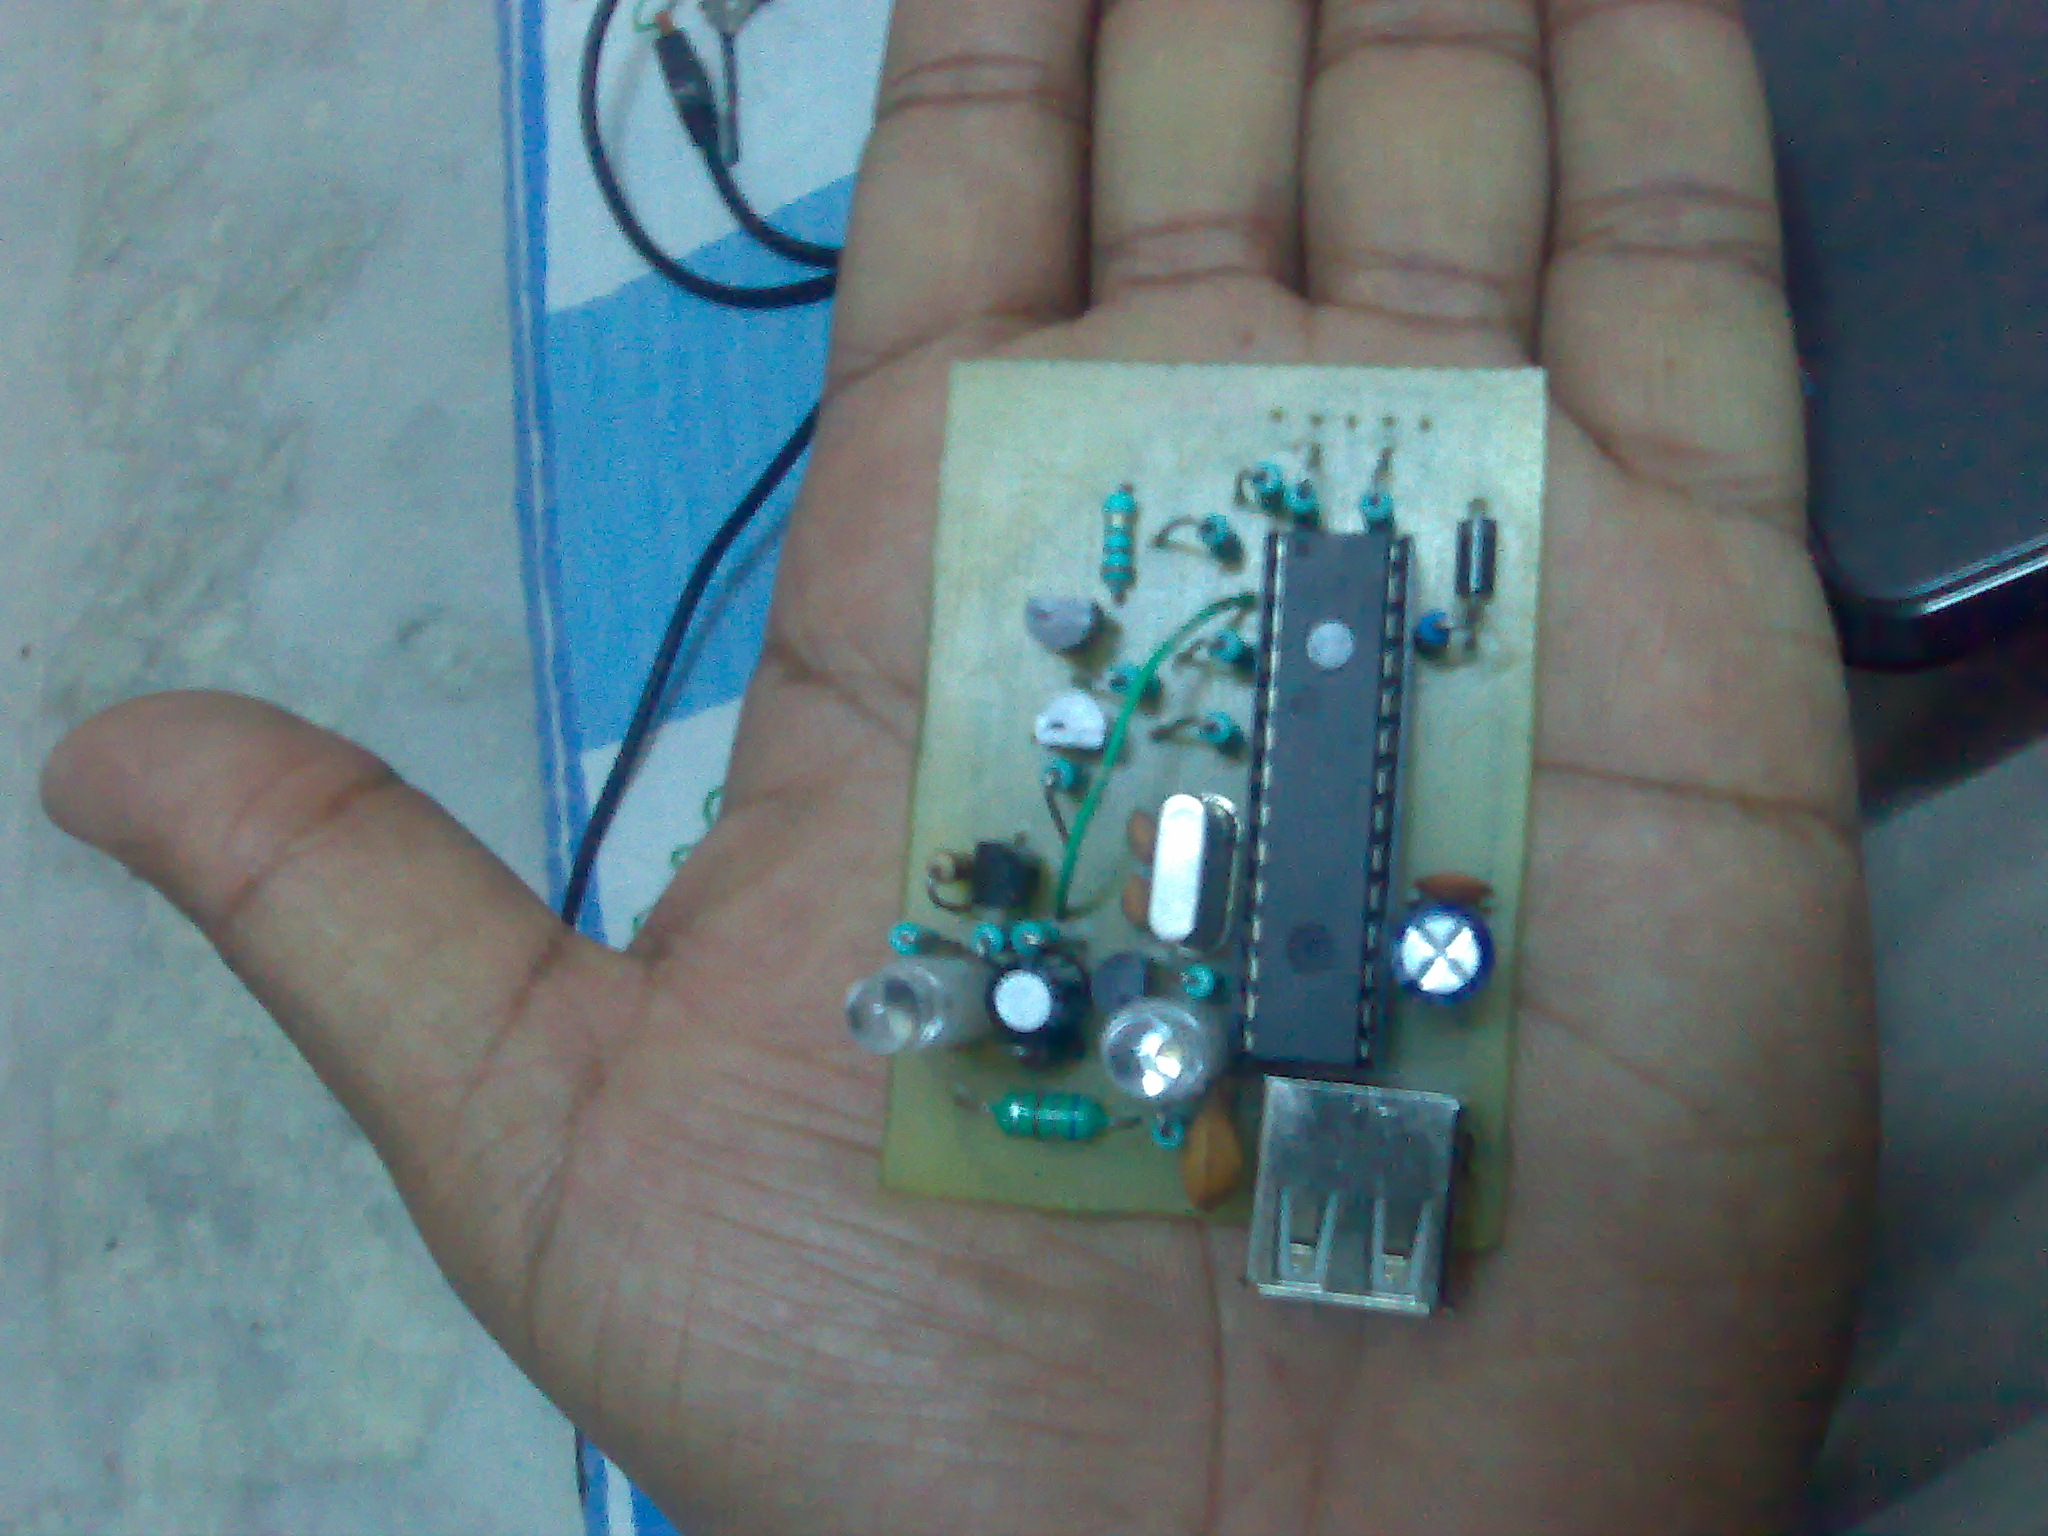 Pickit2 usb программатор своими руками